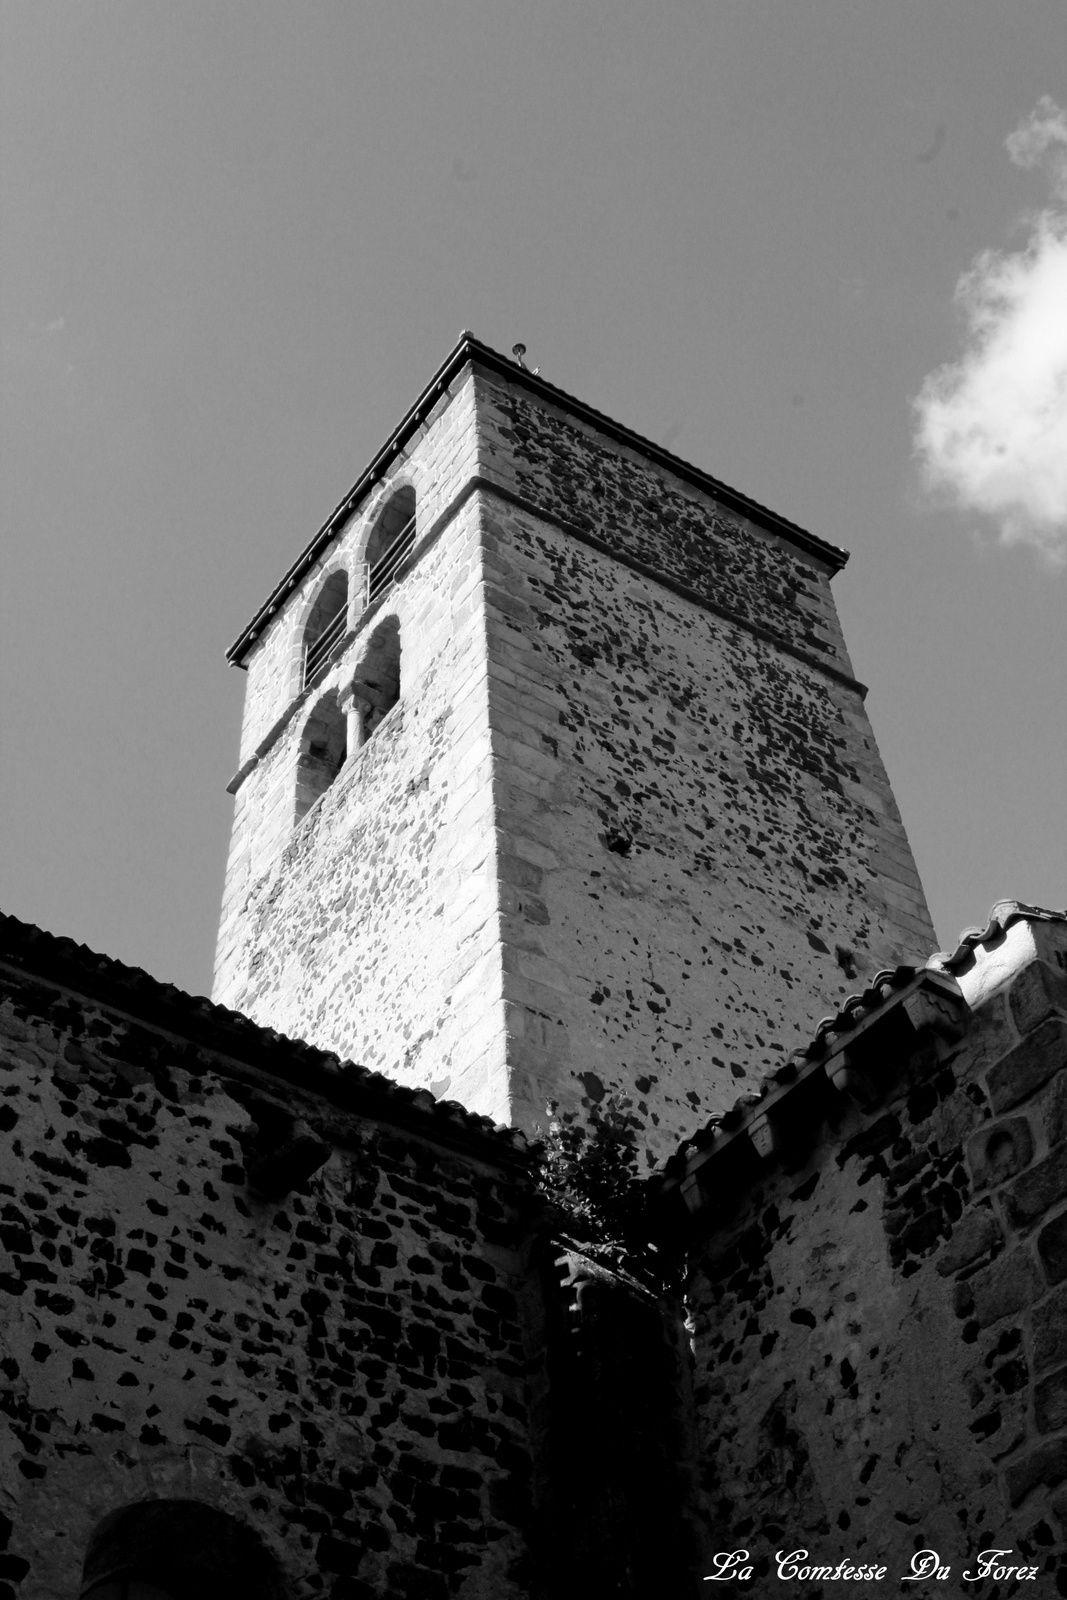 vue sur l'église de l'intérieur de la cour